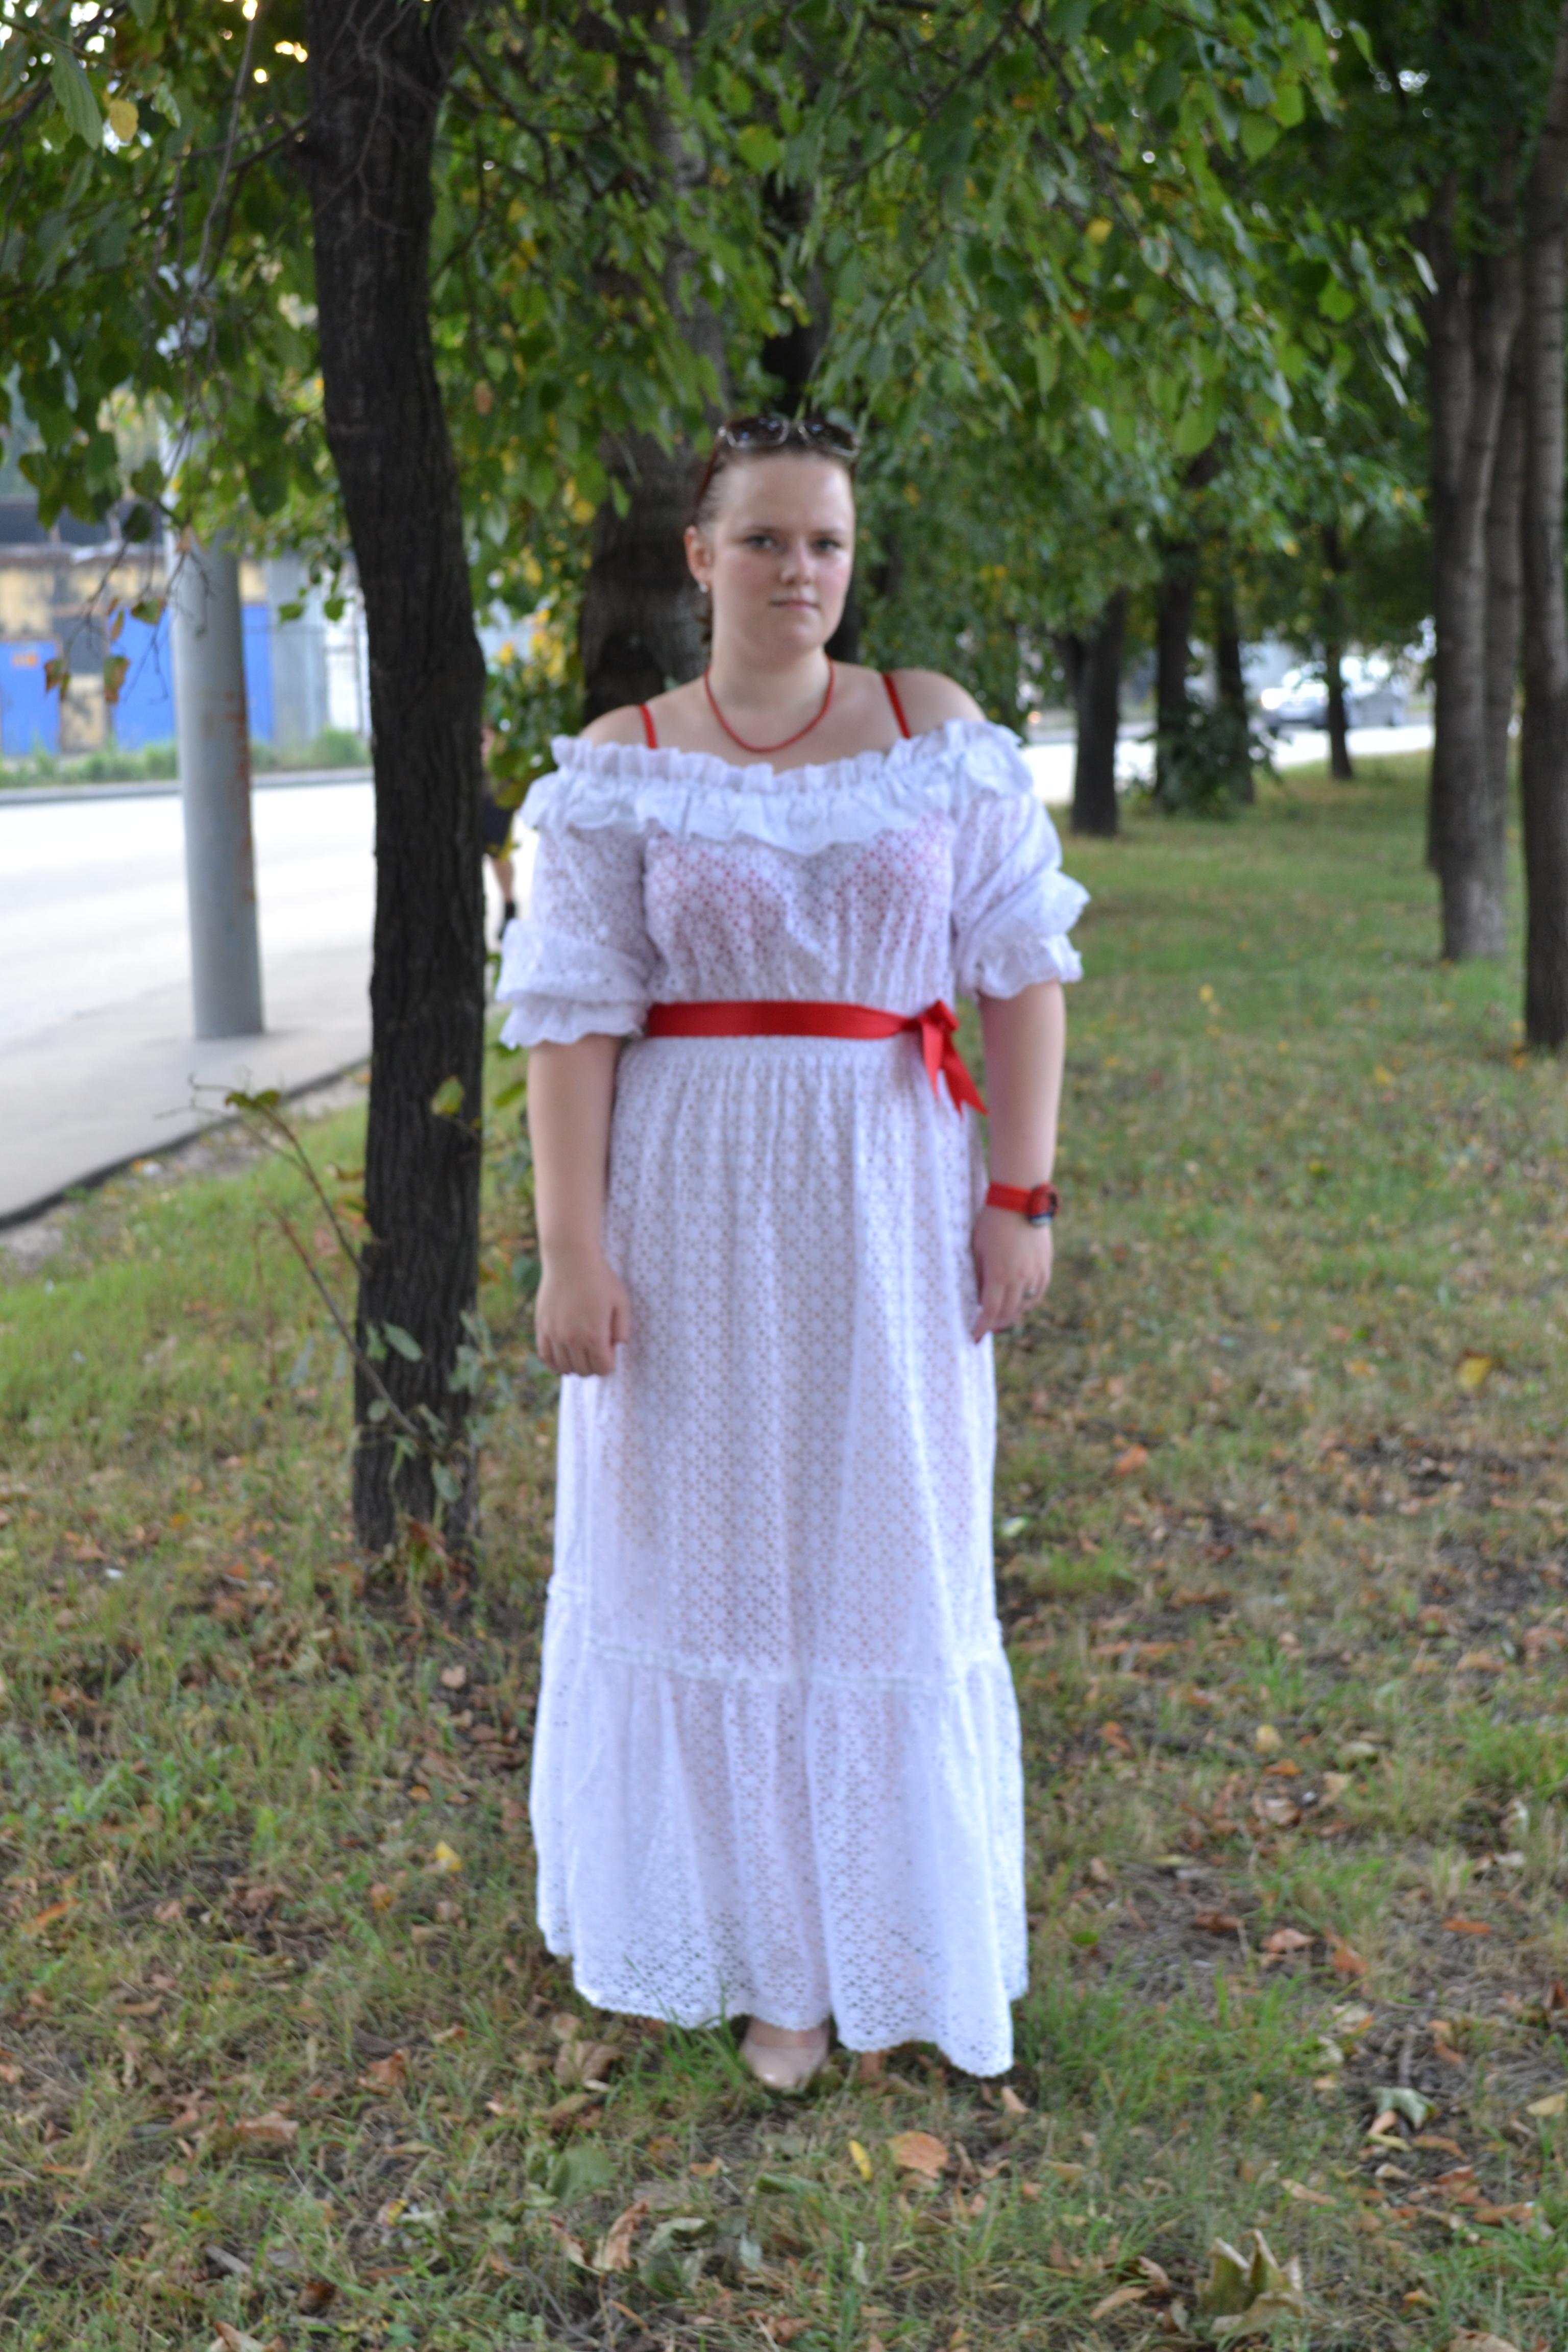 Сучки задранные платья фото кайфолог гол девушками